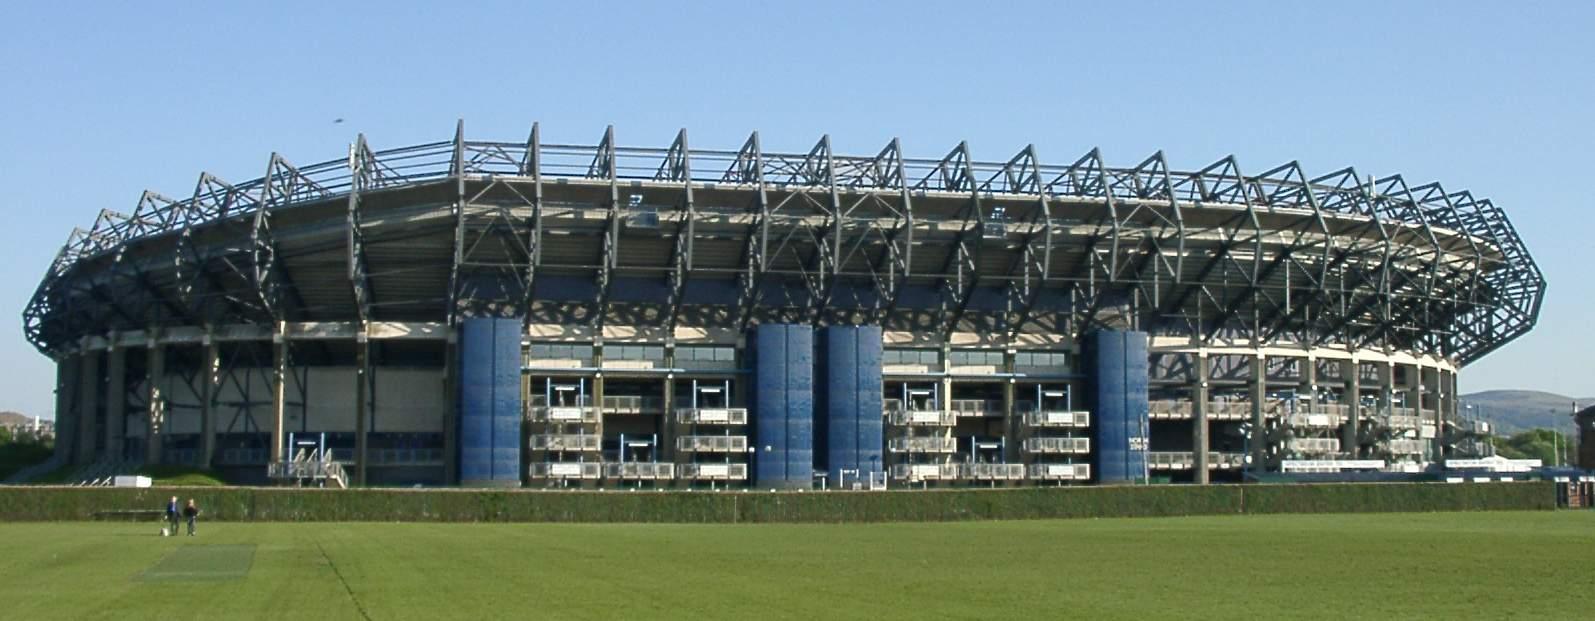 Stade de rugby de Murrayfield en Ecosse